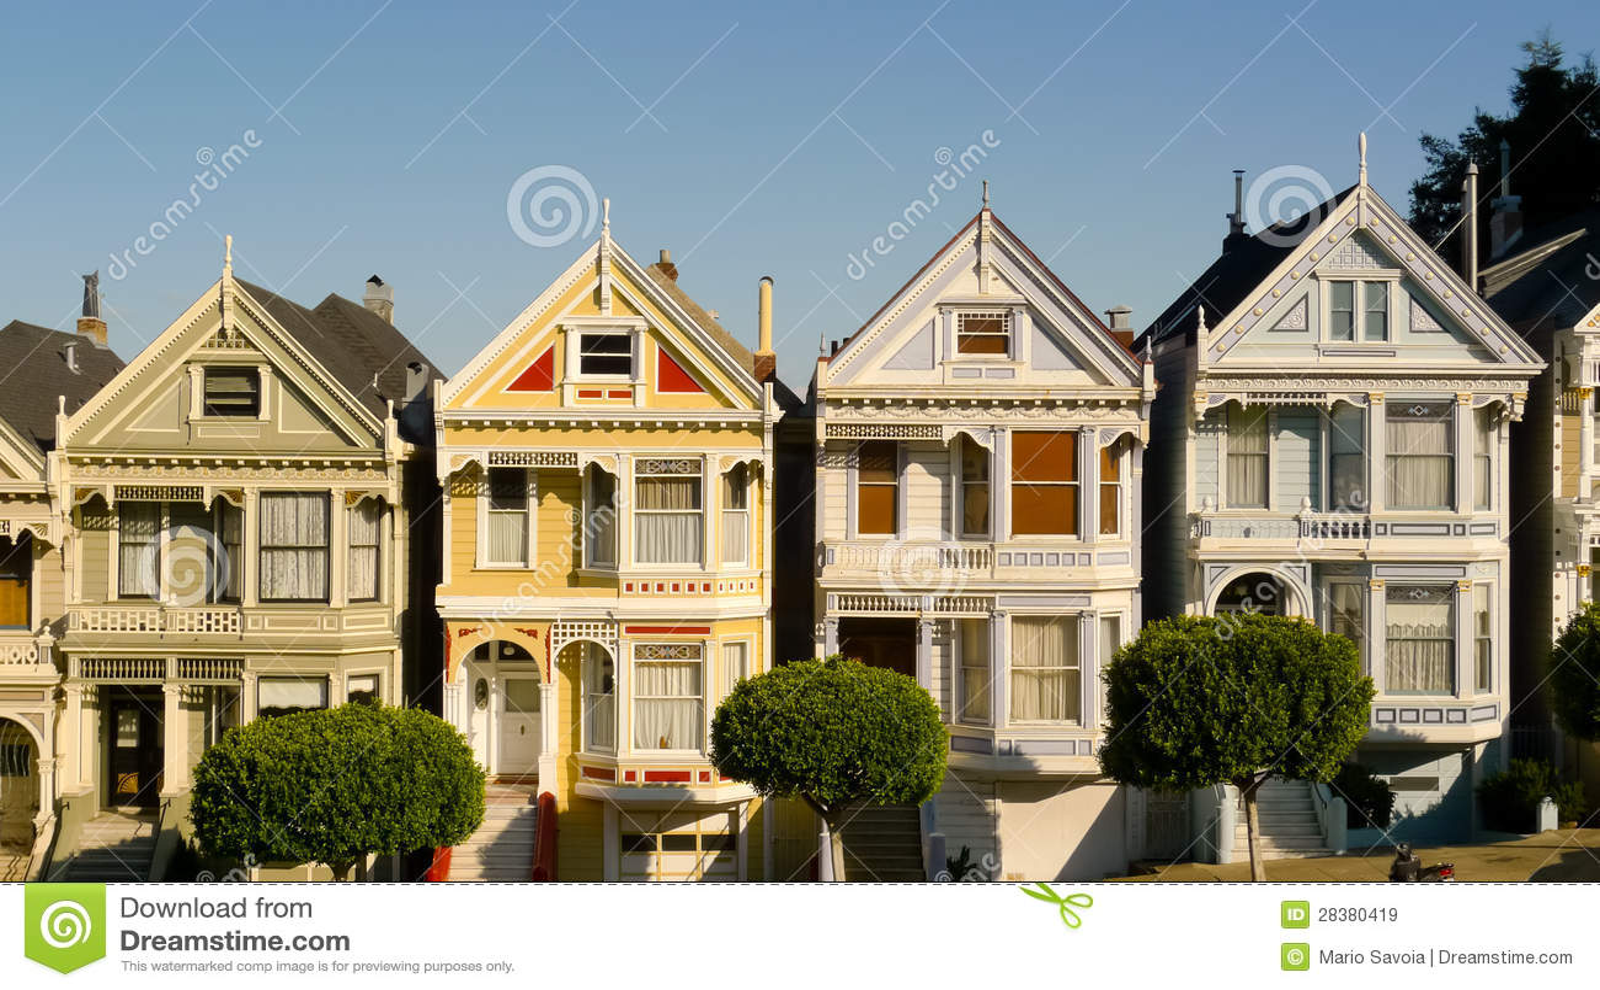 Case vittoriane nel quadrato di alamo immagini stock for Nuove case vittoriane